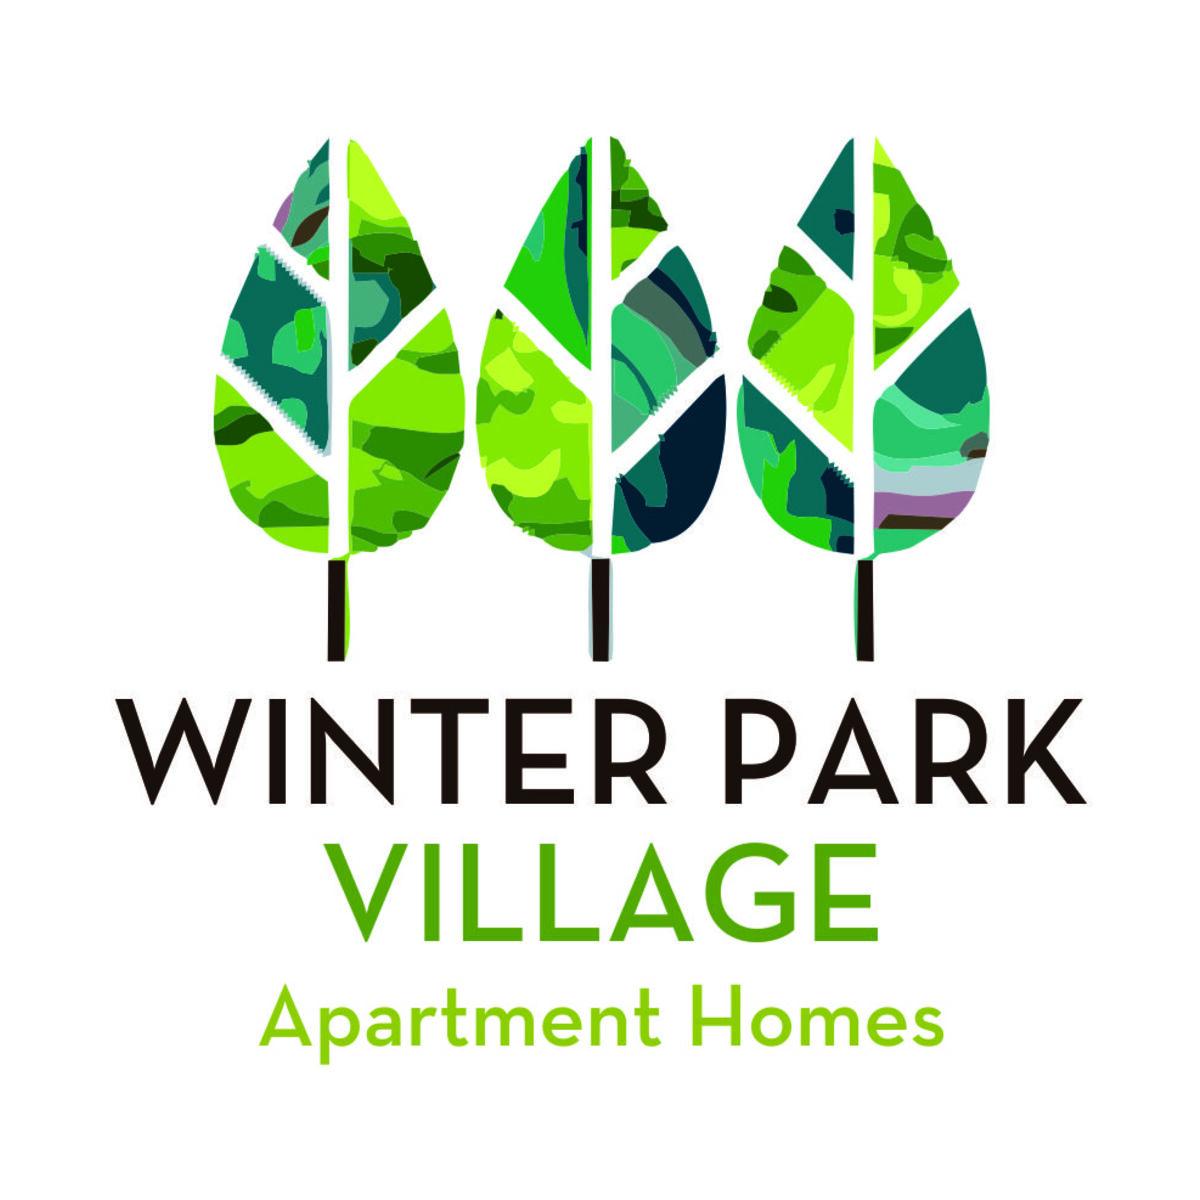 Winter Park Village Apartments